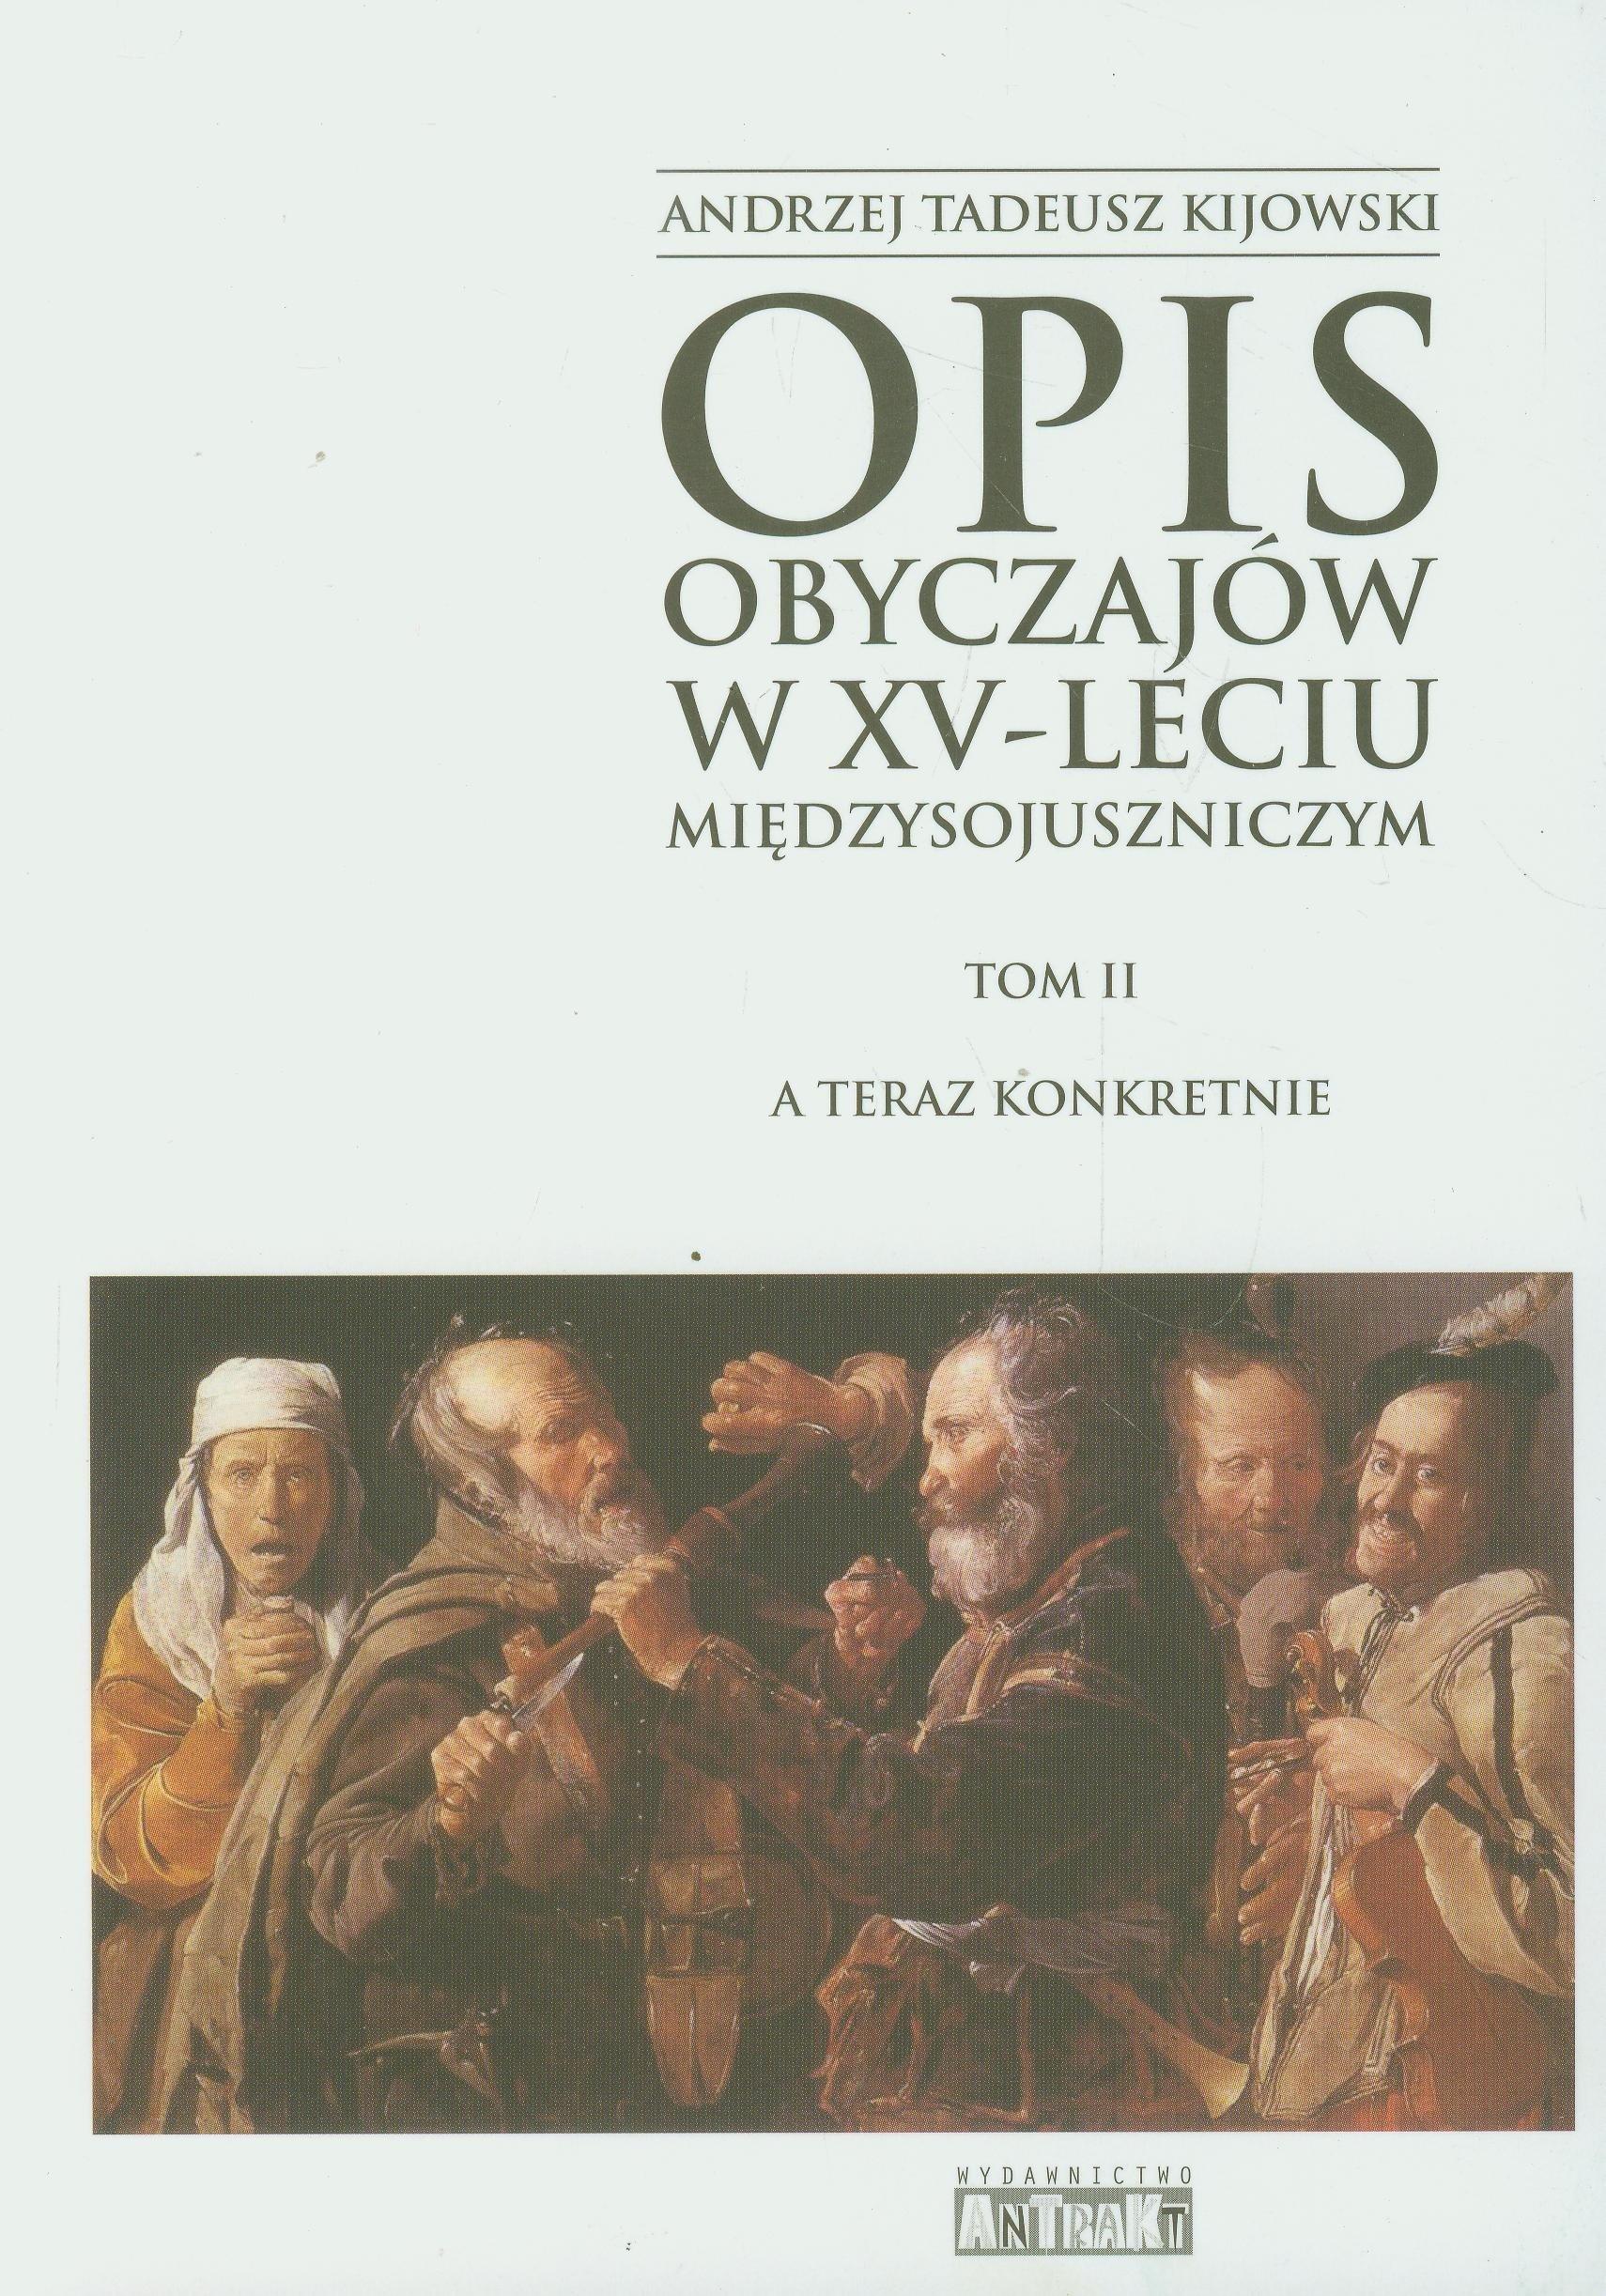 Download Opis Obyczajow W XV-Leciu Miedzysojuszniczym ebook